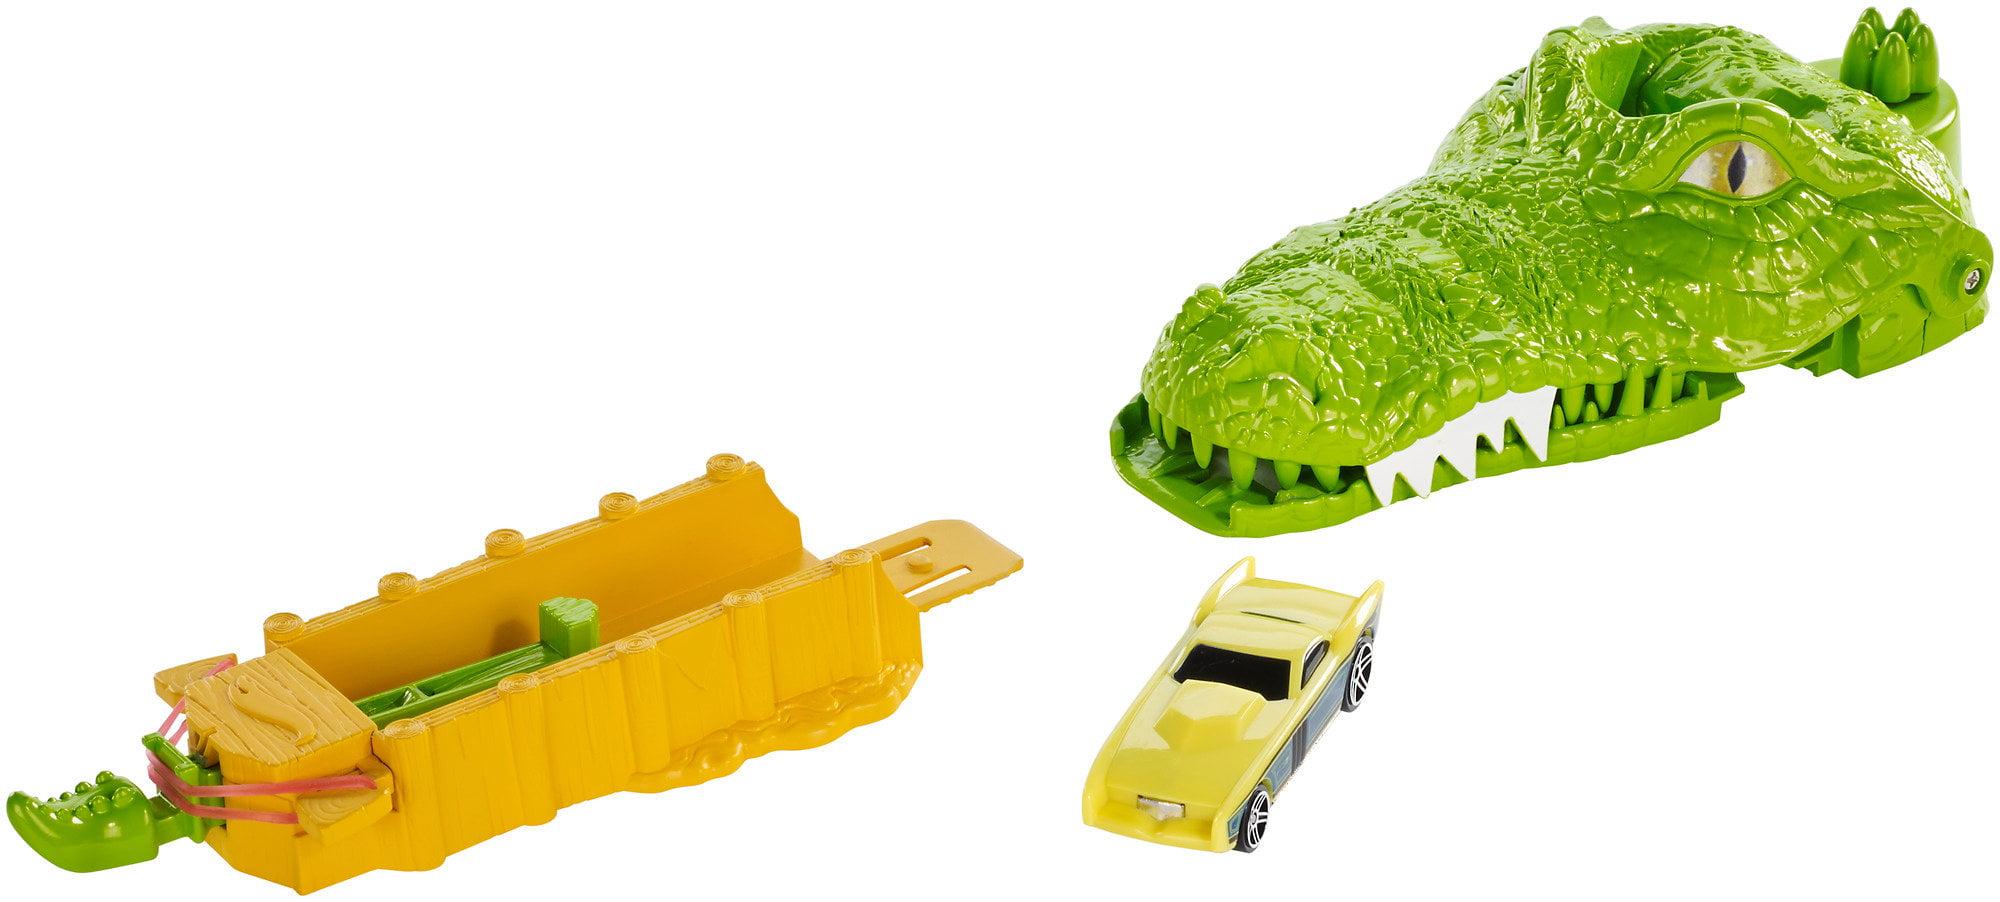 Hot Wheels Crocodile Crunch Play Set by Mattel